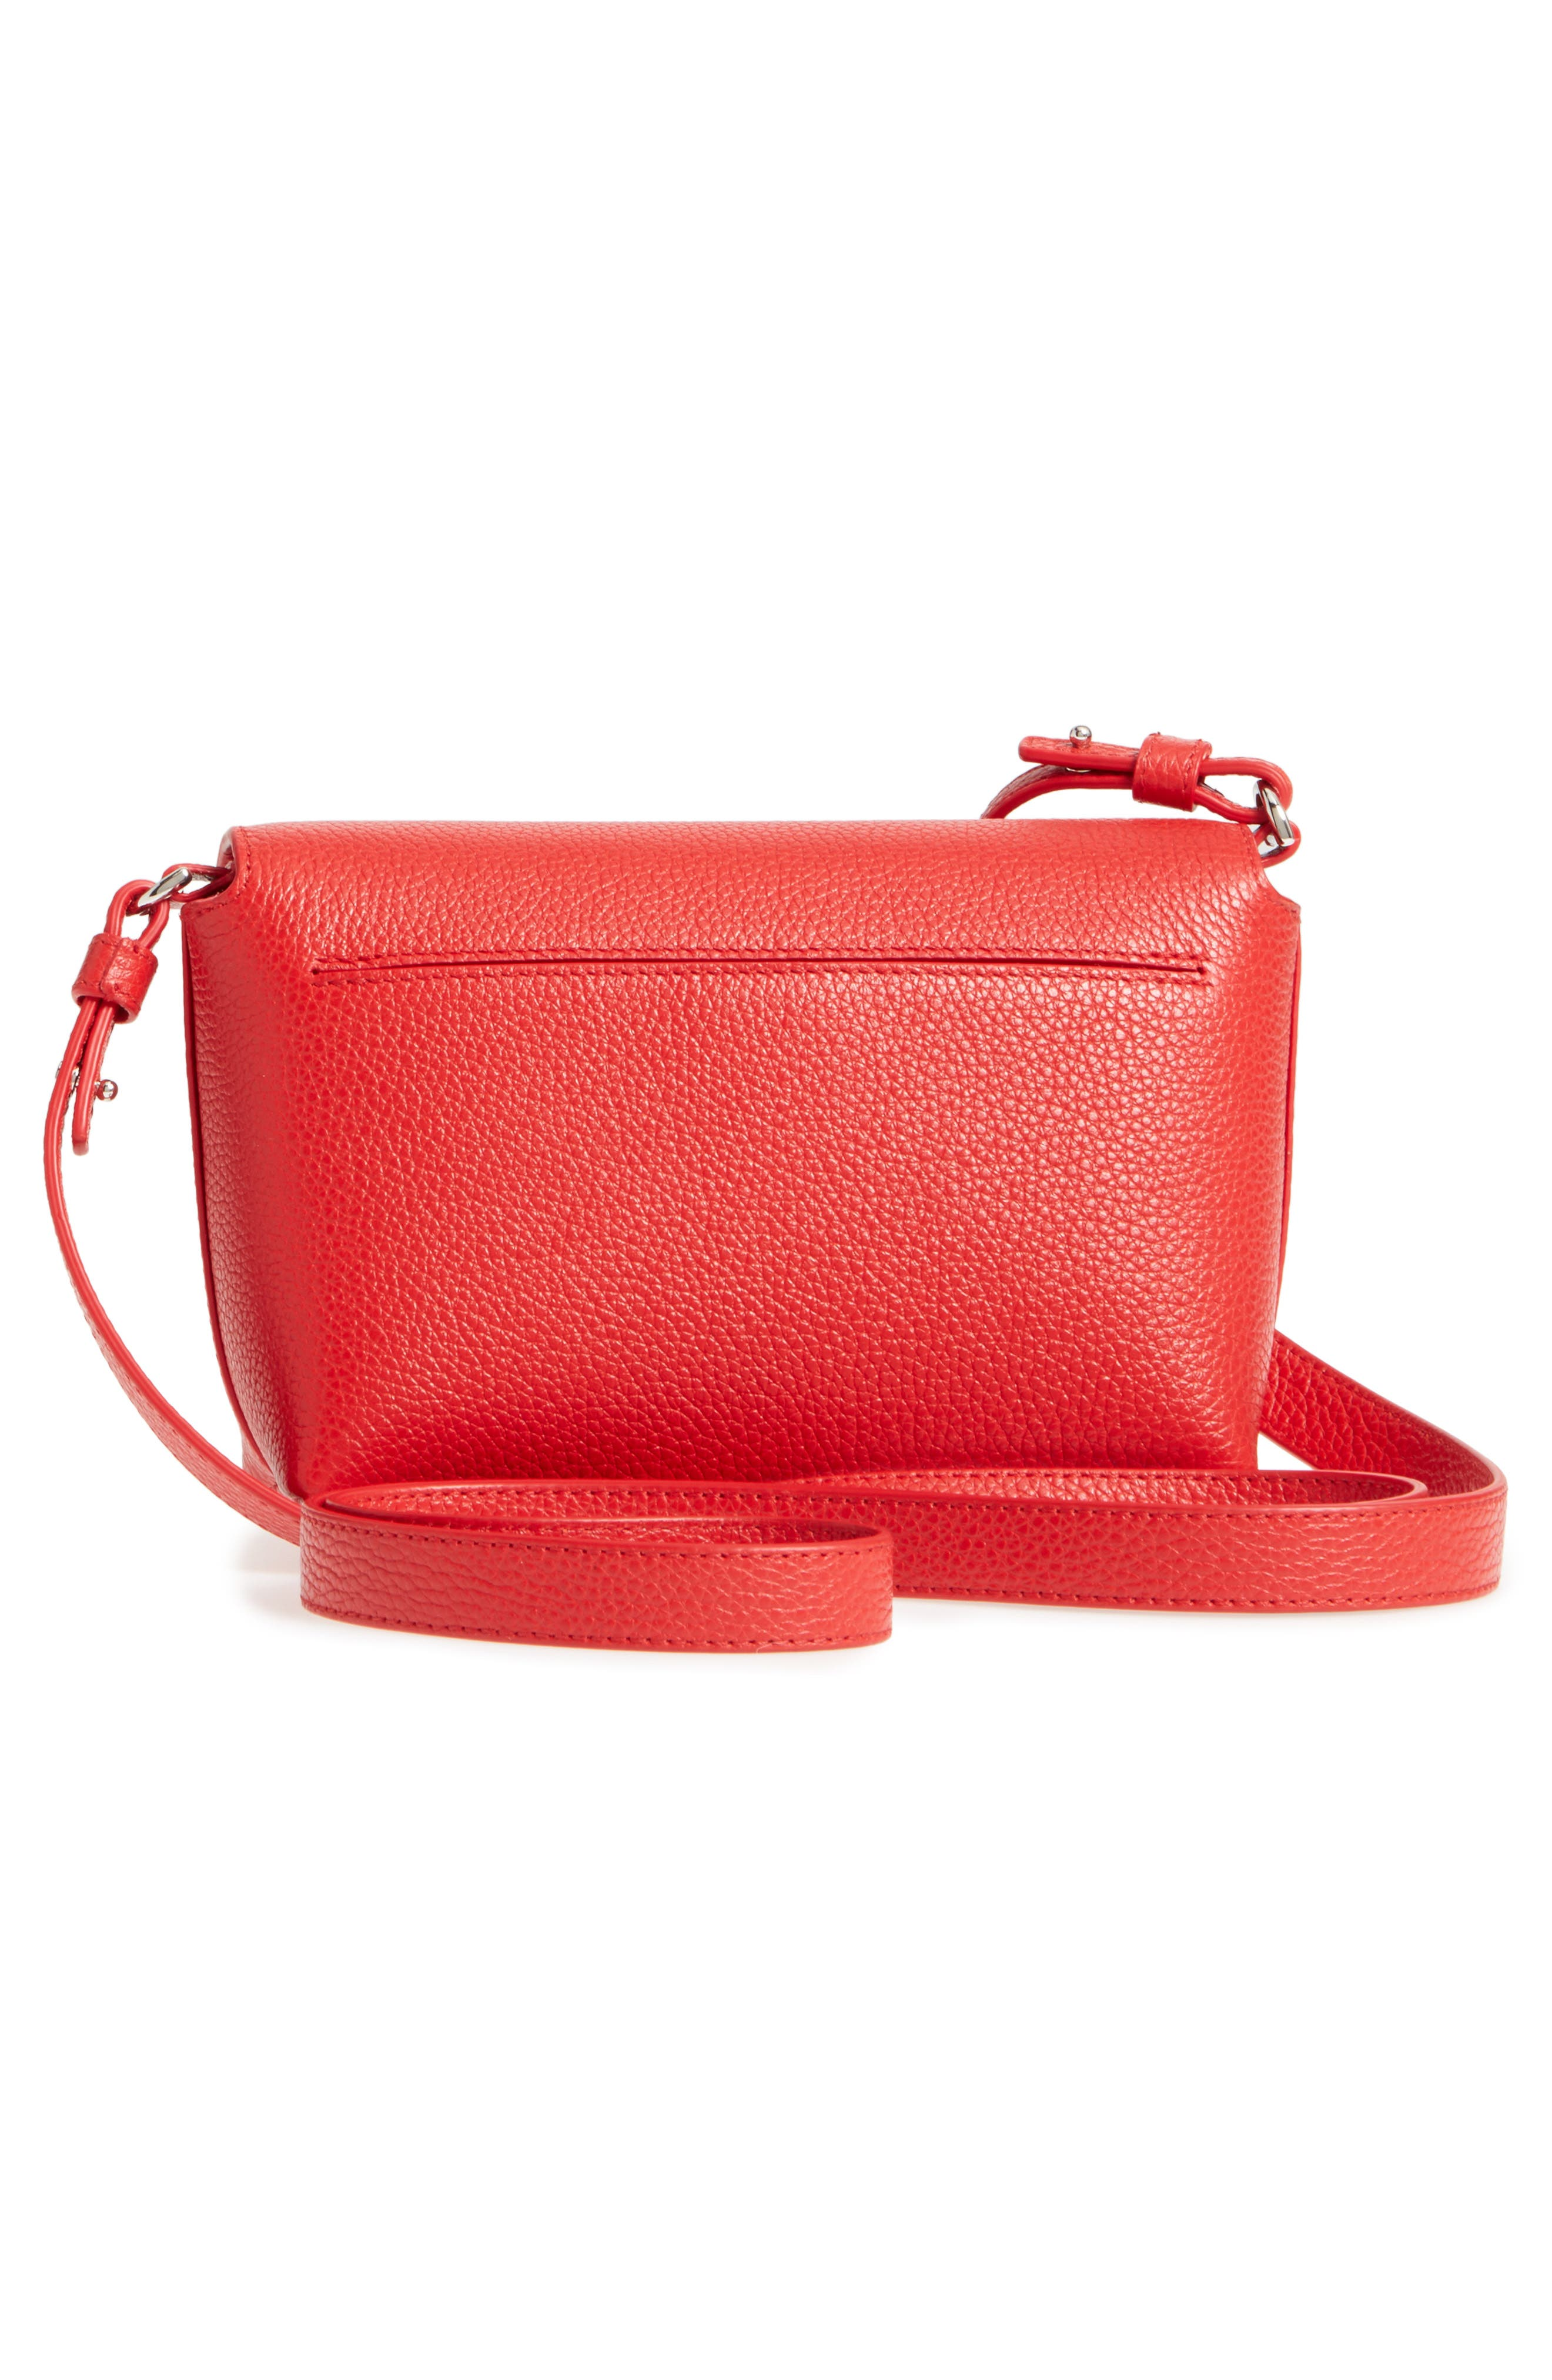 Little Anouk Calfskin Crossbody Bag,                             Alternate thumbnail 3, color,                             Scarlet